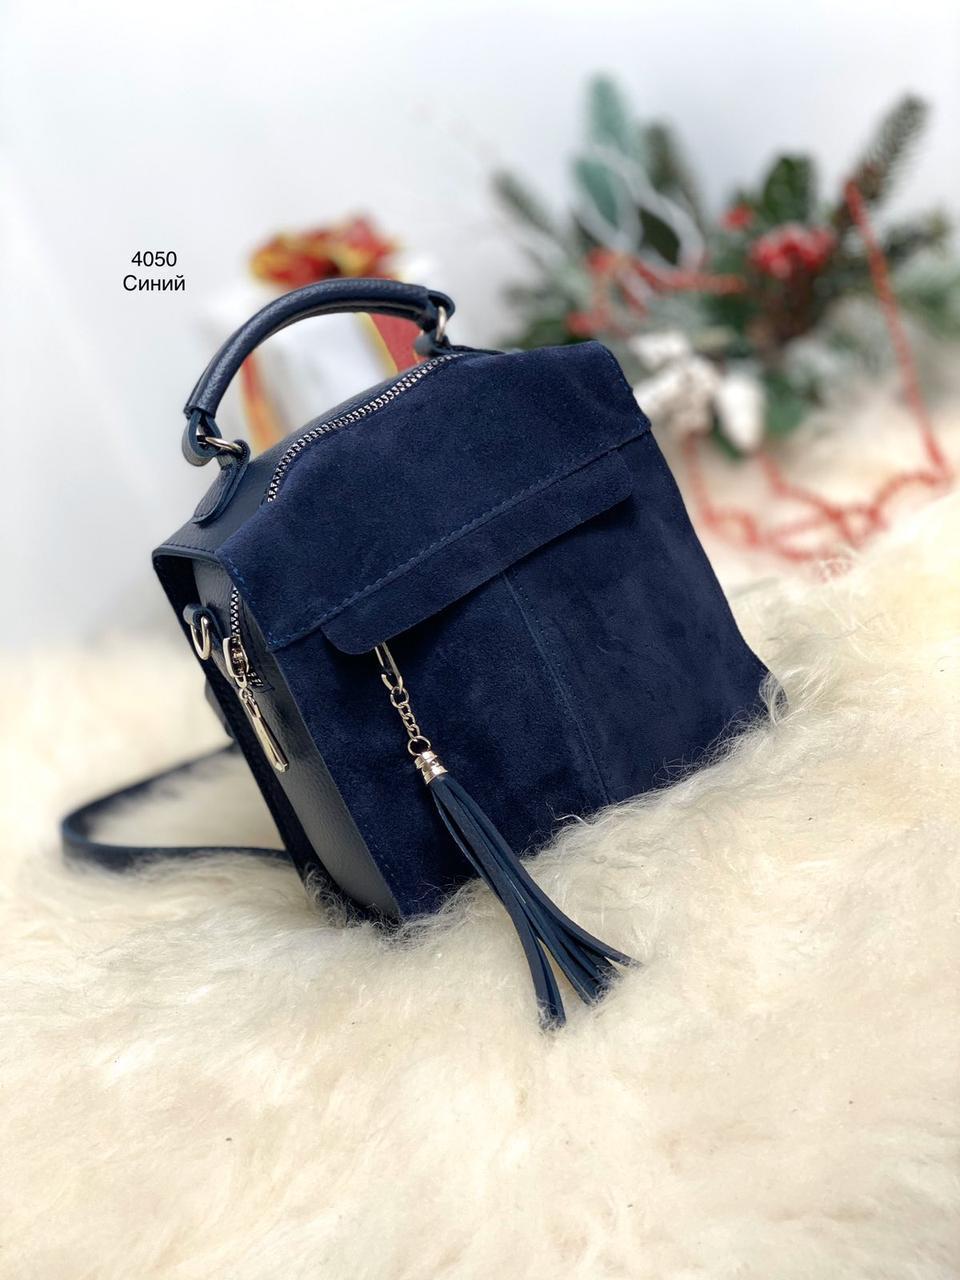 Маленькая женская сумочка-рюкзак молодежная городская клатч синяя